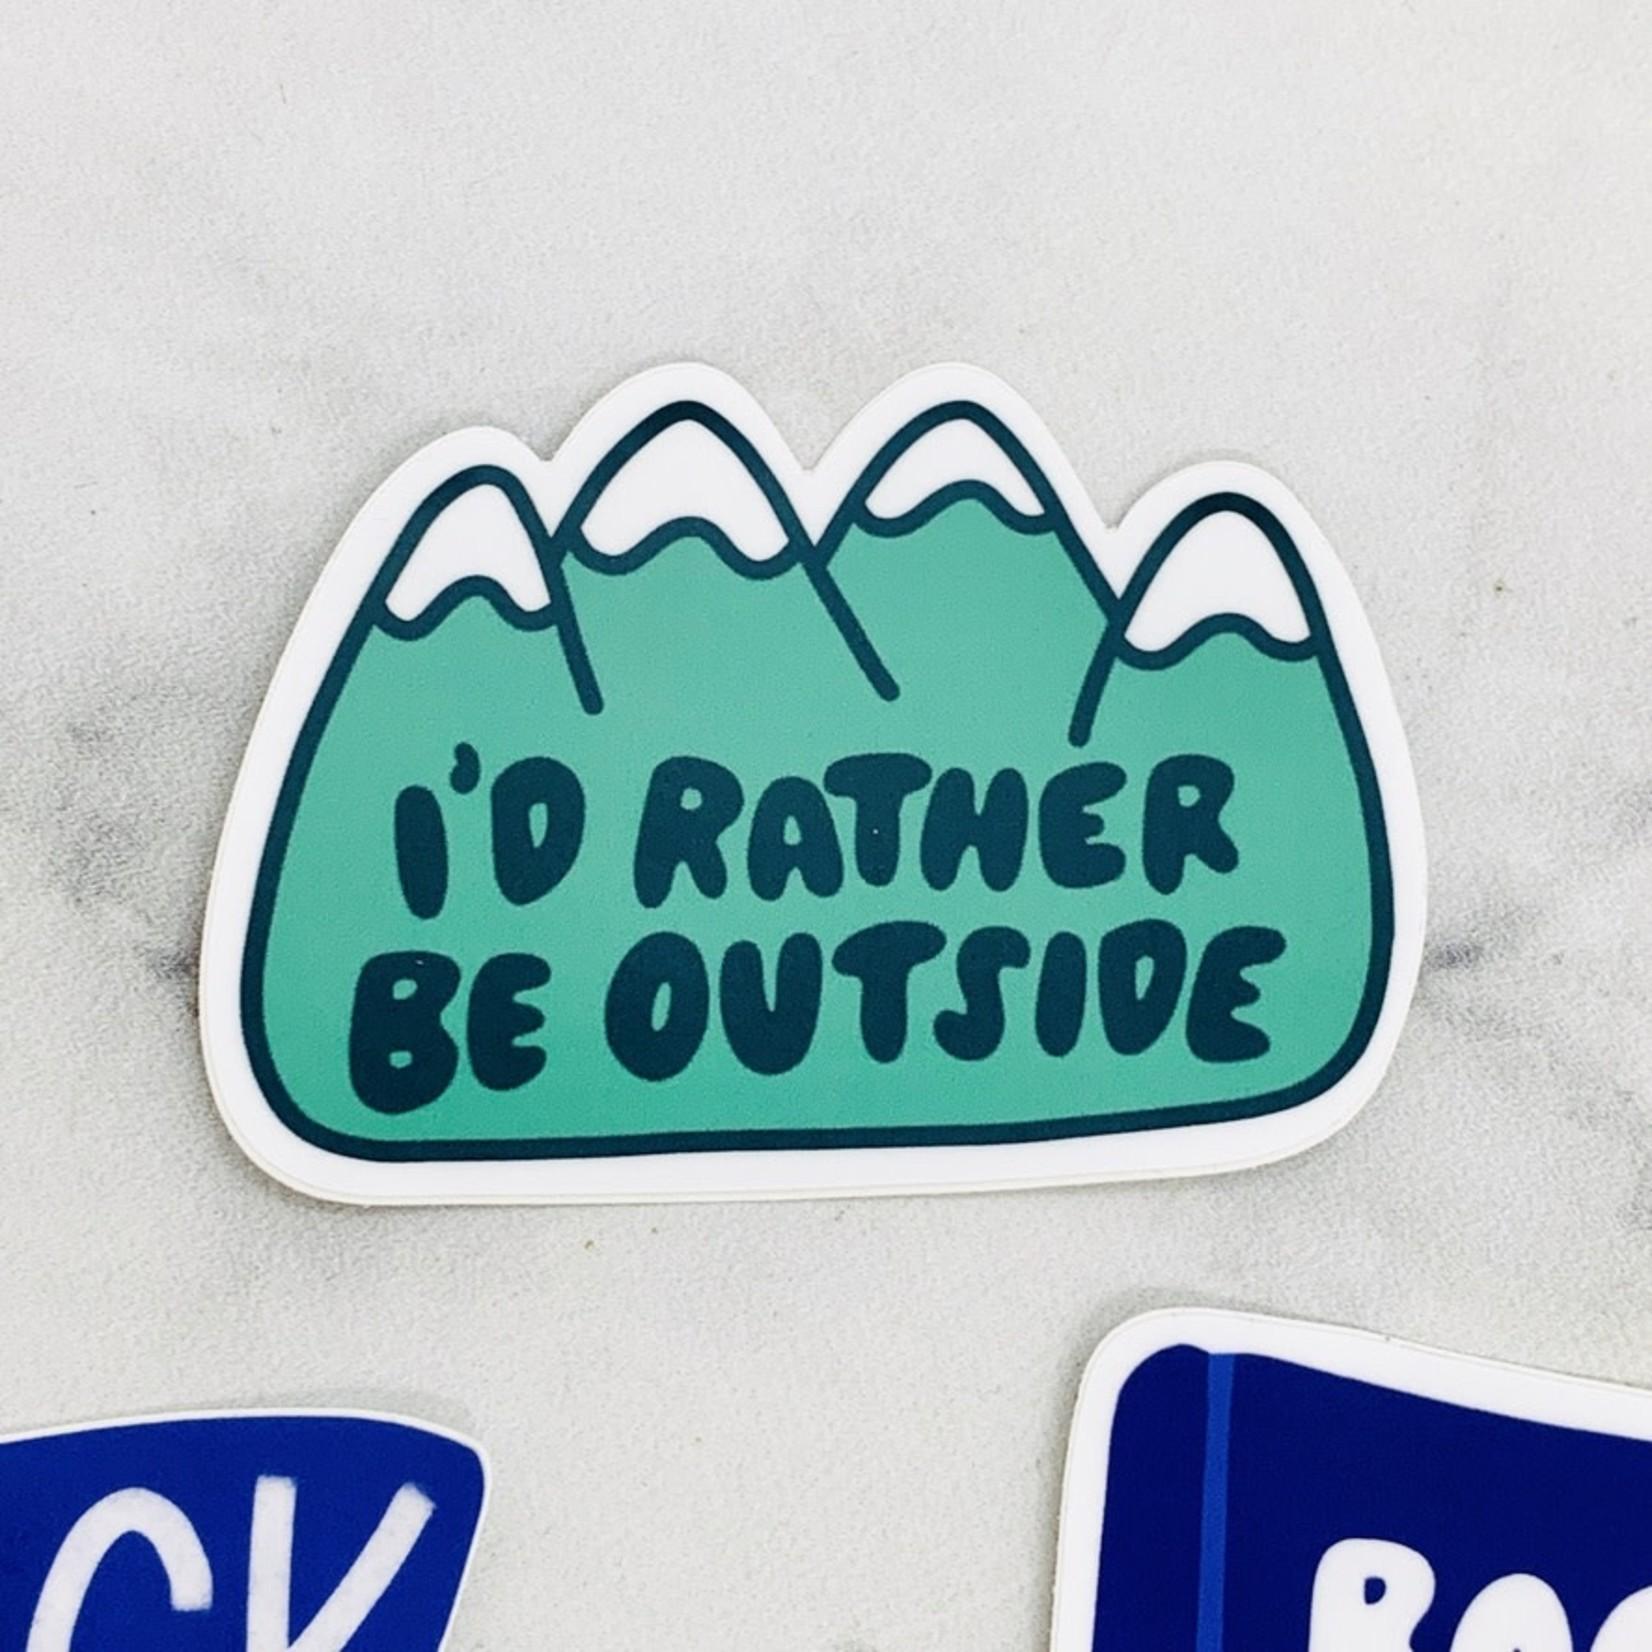 Craft Boner I'd Rather Be Outside Sticker